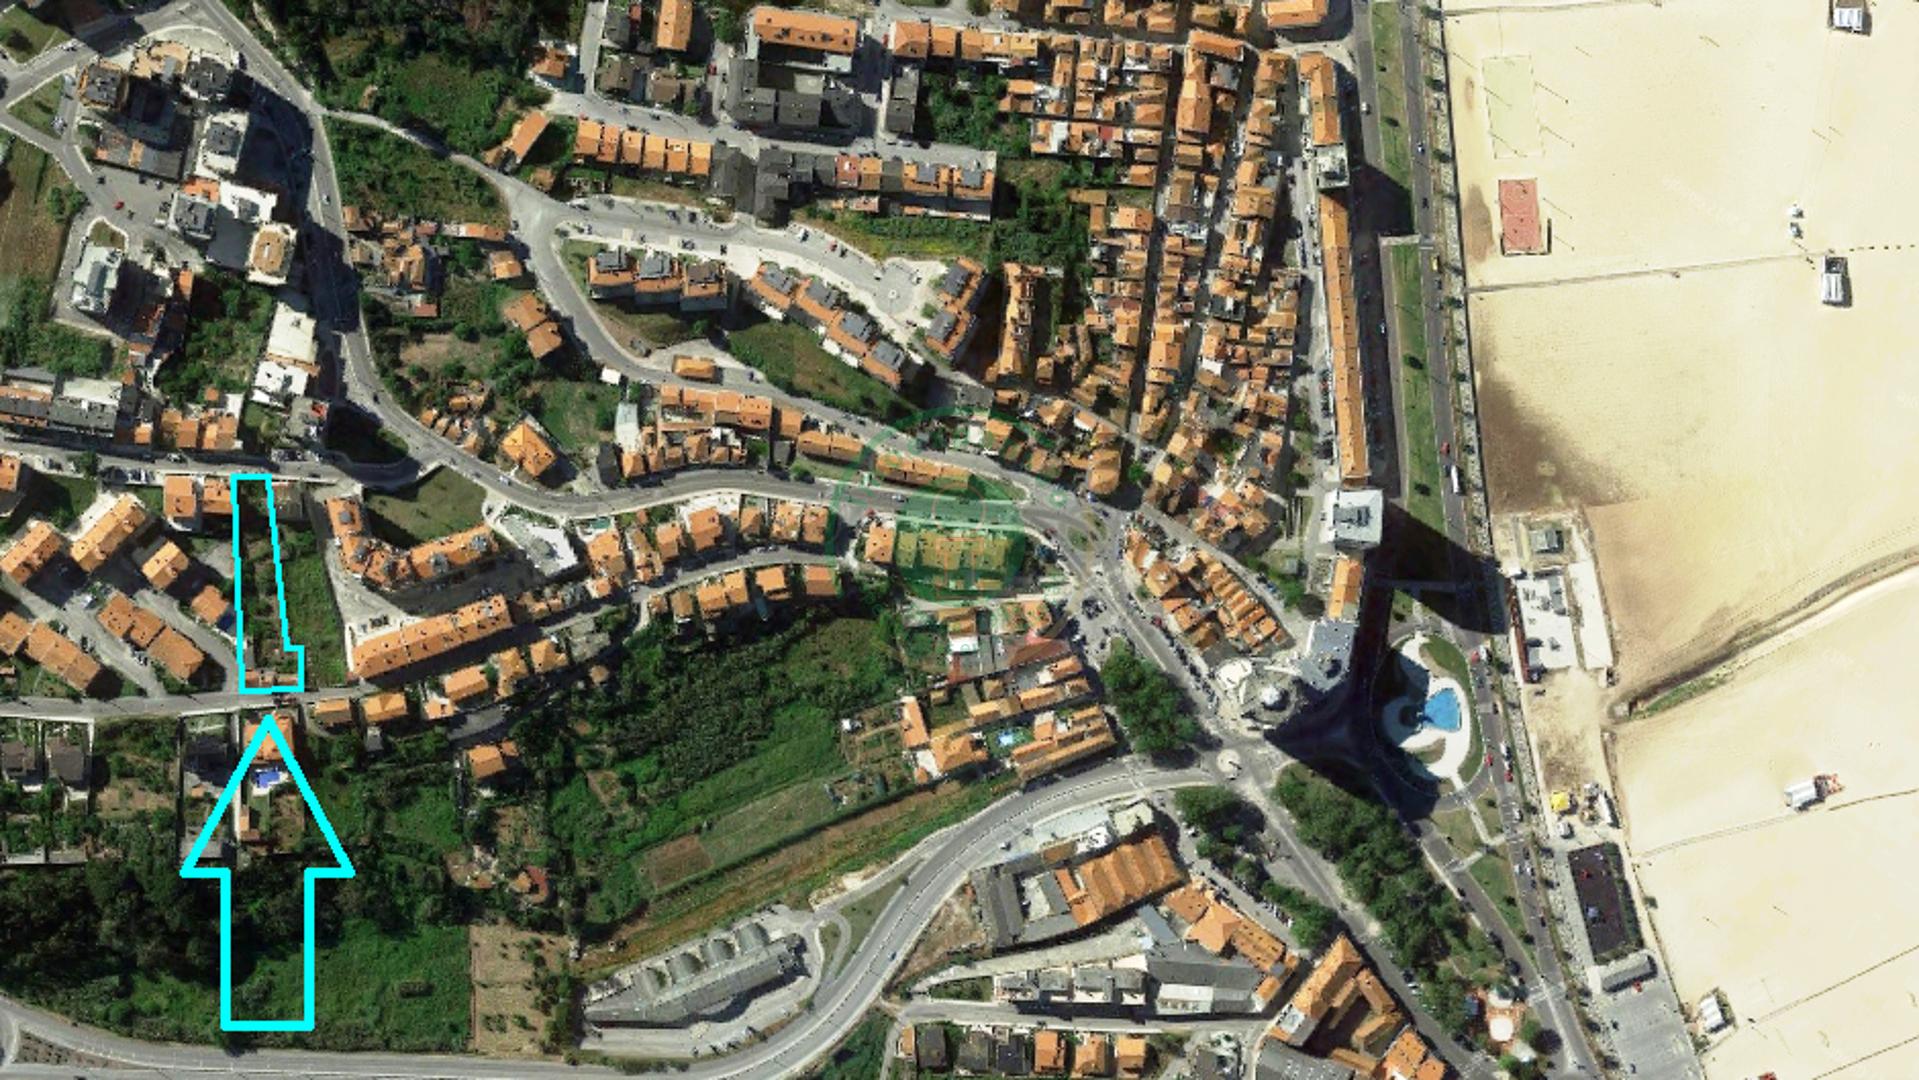 Terreno Figueira da Foz - Buarcos  - Figueira Da Foz, Buarcos E São Julião